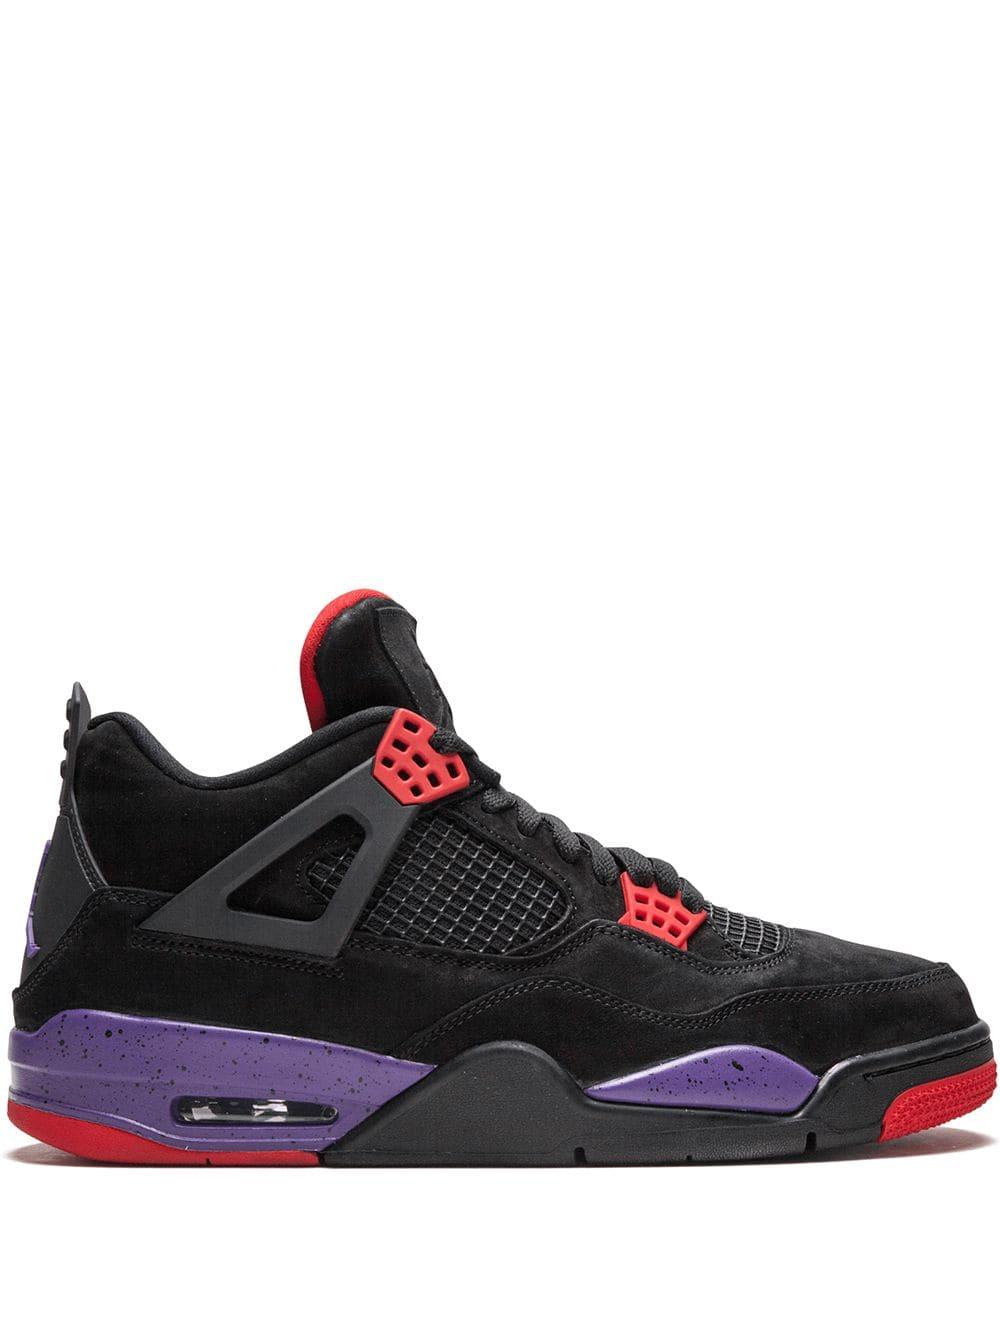 ModeSens | Air jordans, Retro sneakers